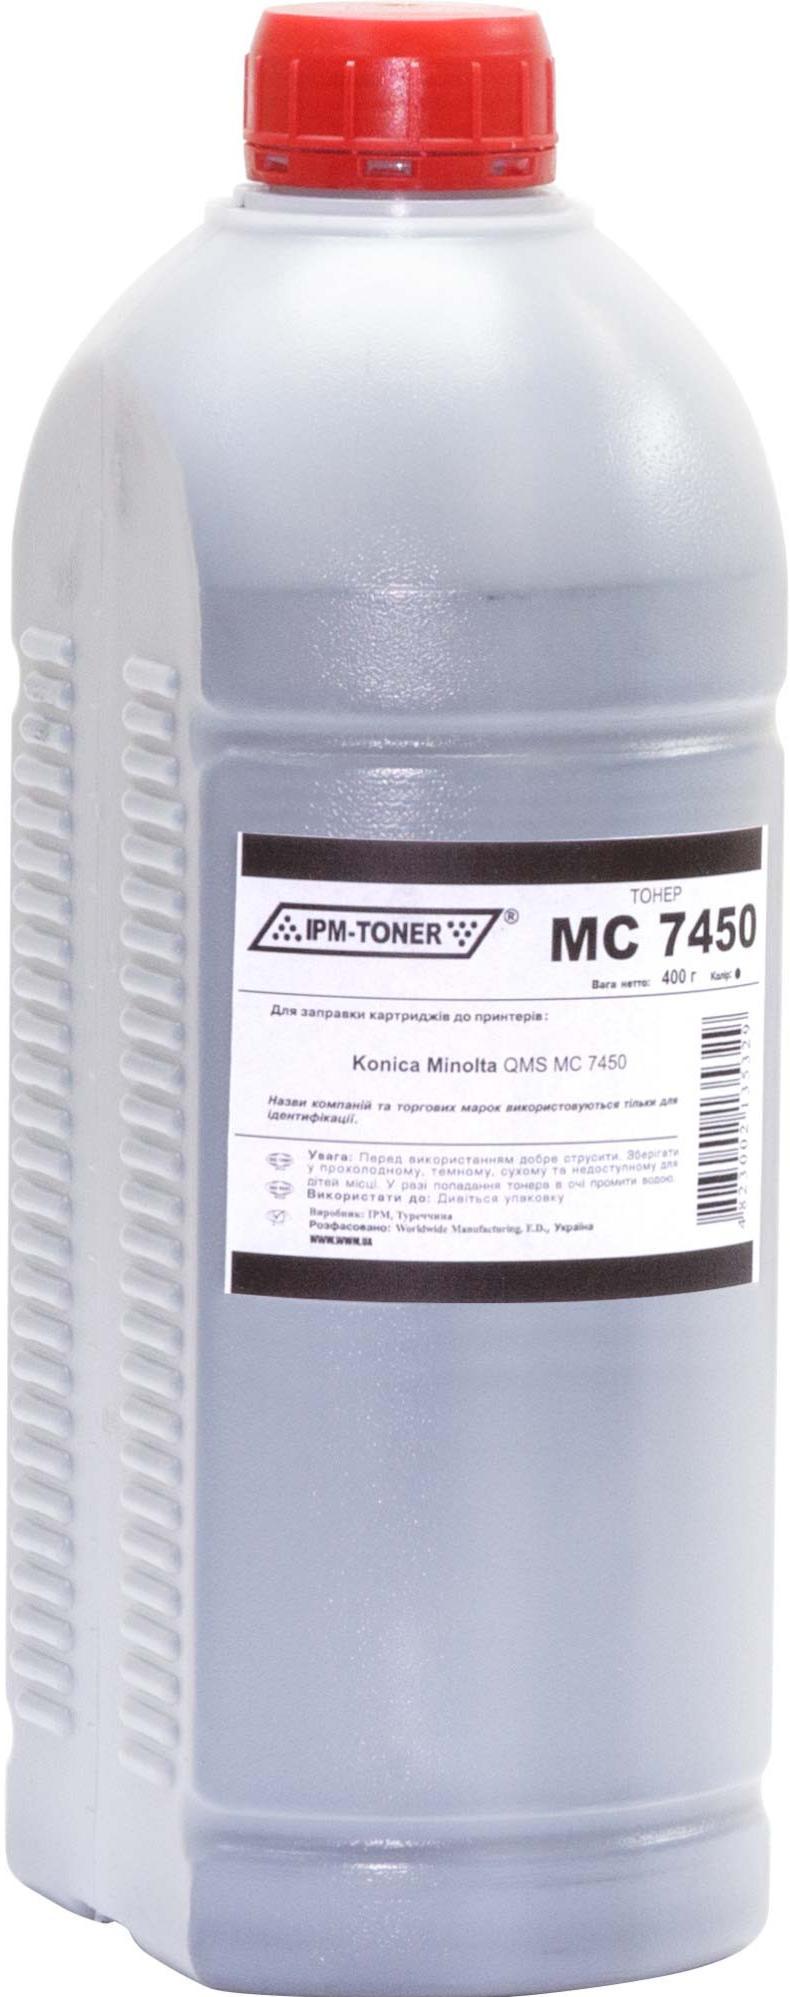 Купить Тонер IPM for Konica Minolta QMS MC7450 Black бутль 400g, TB115B-1